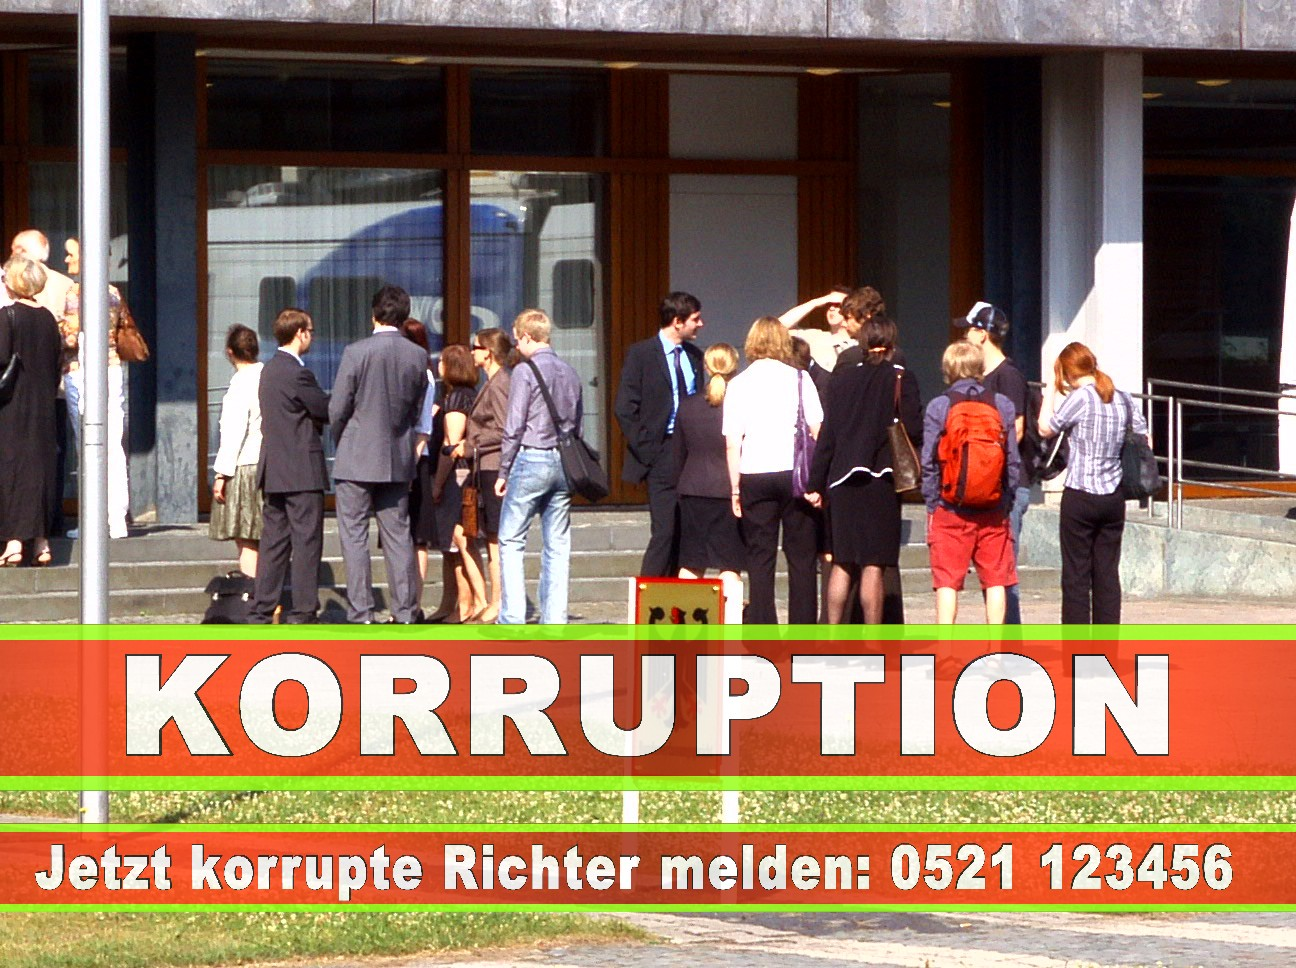 Bundesverfassungsgericht Karlsruhe Richter Korruption Aufgaben Urteile Termine Anfahrt Bilder Fotos Adresse Telefon